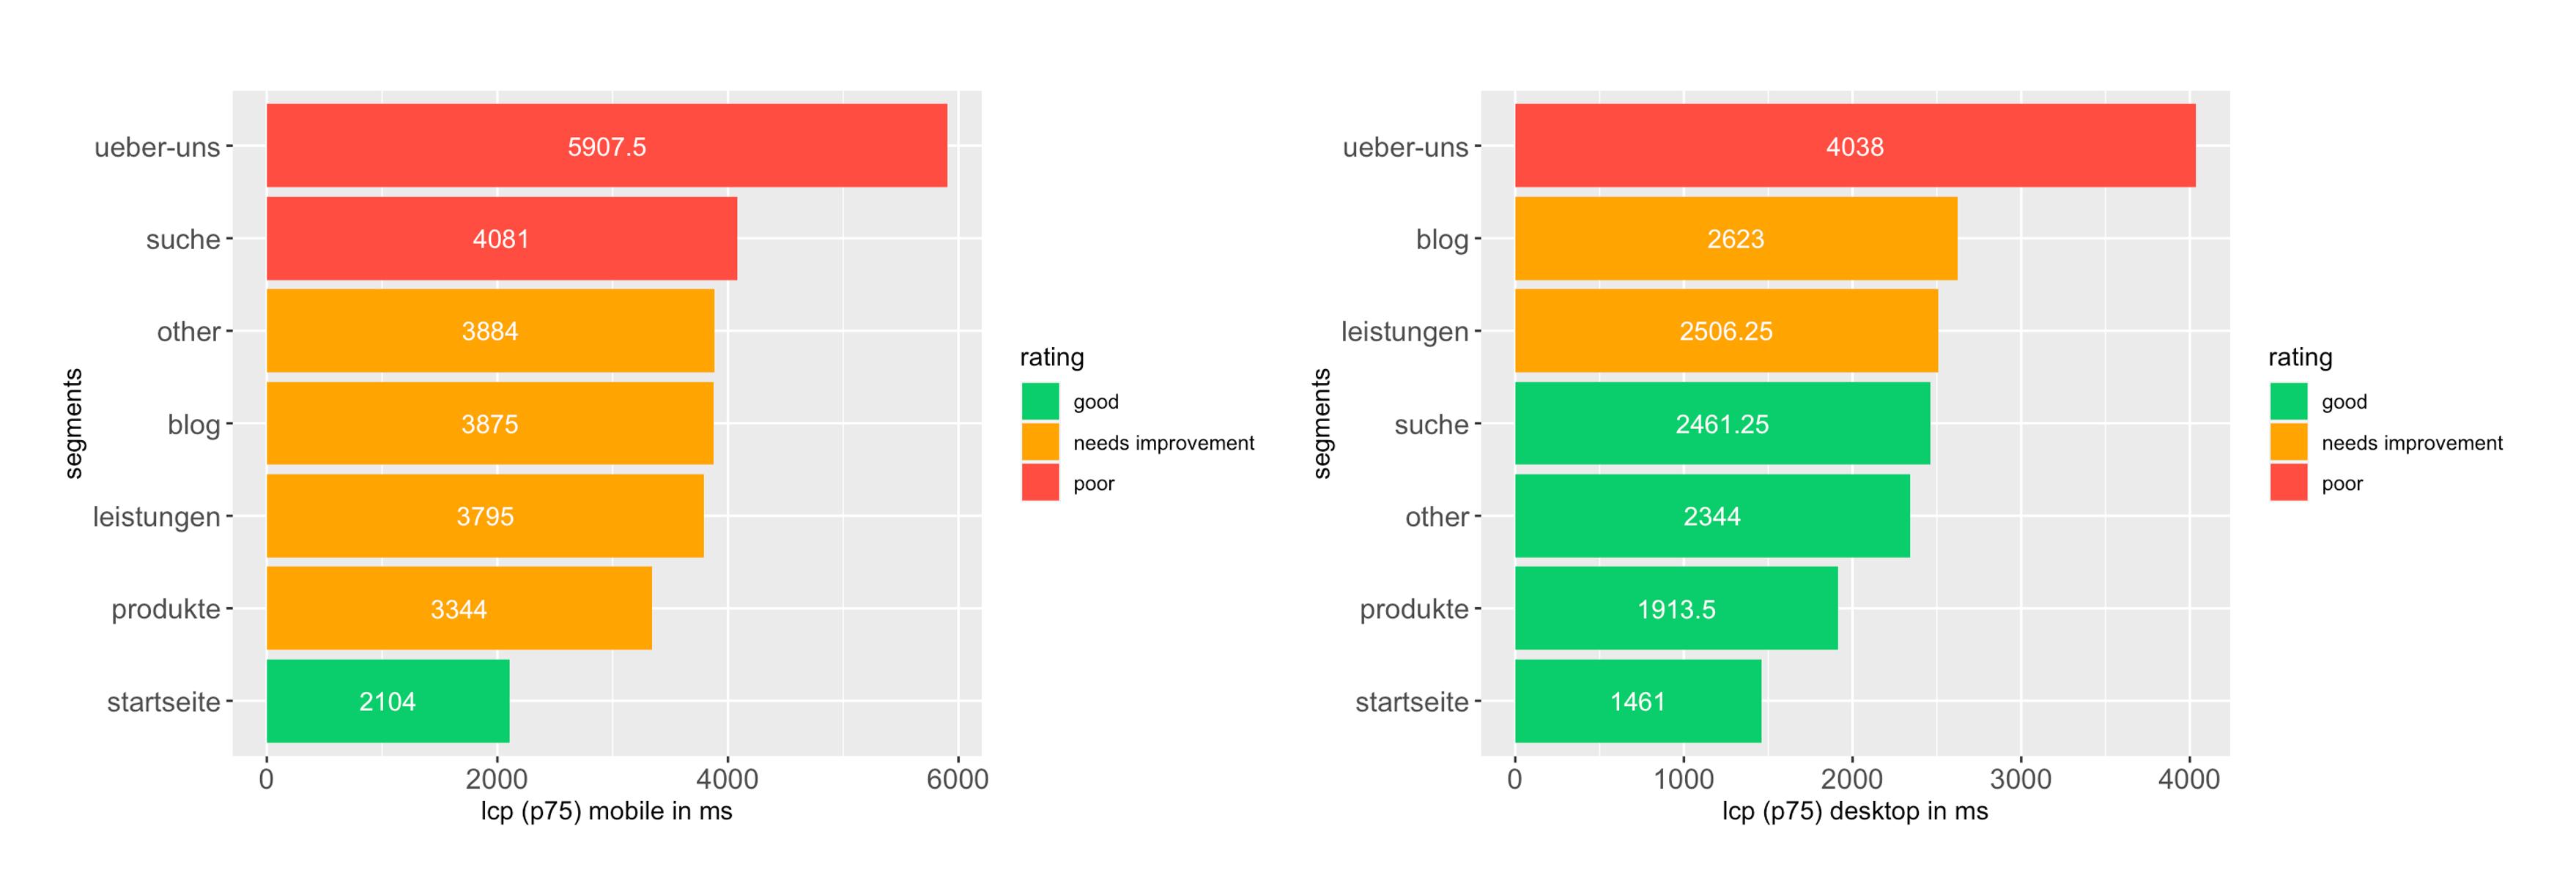 segmentanalyse